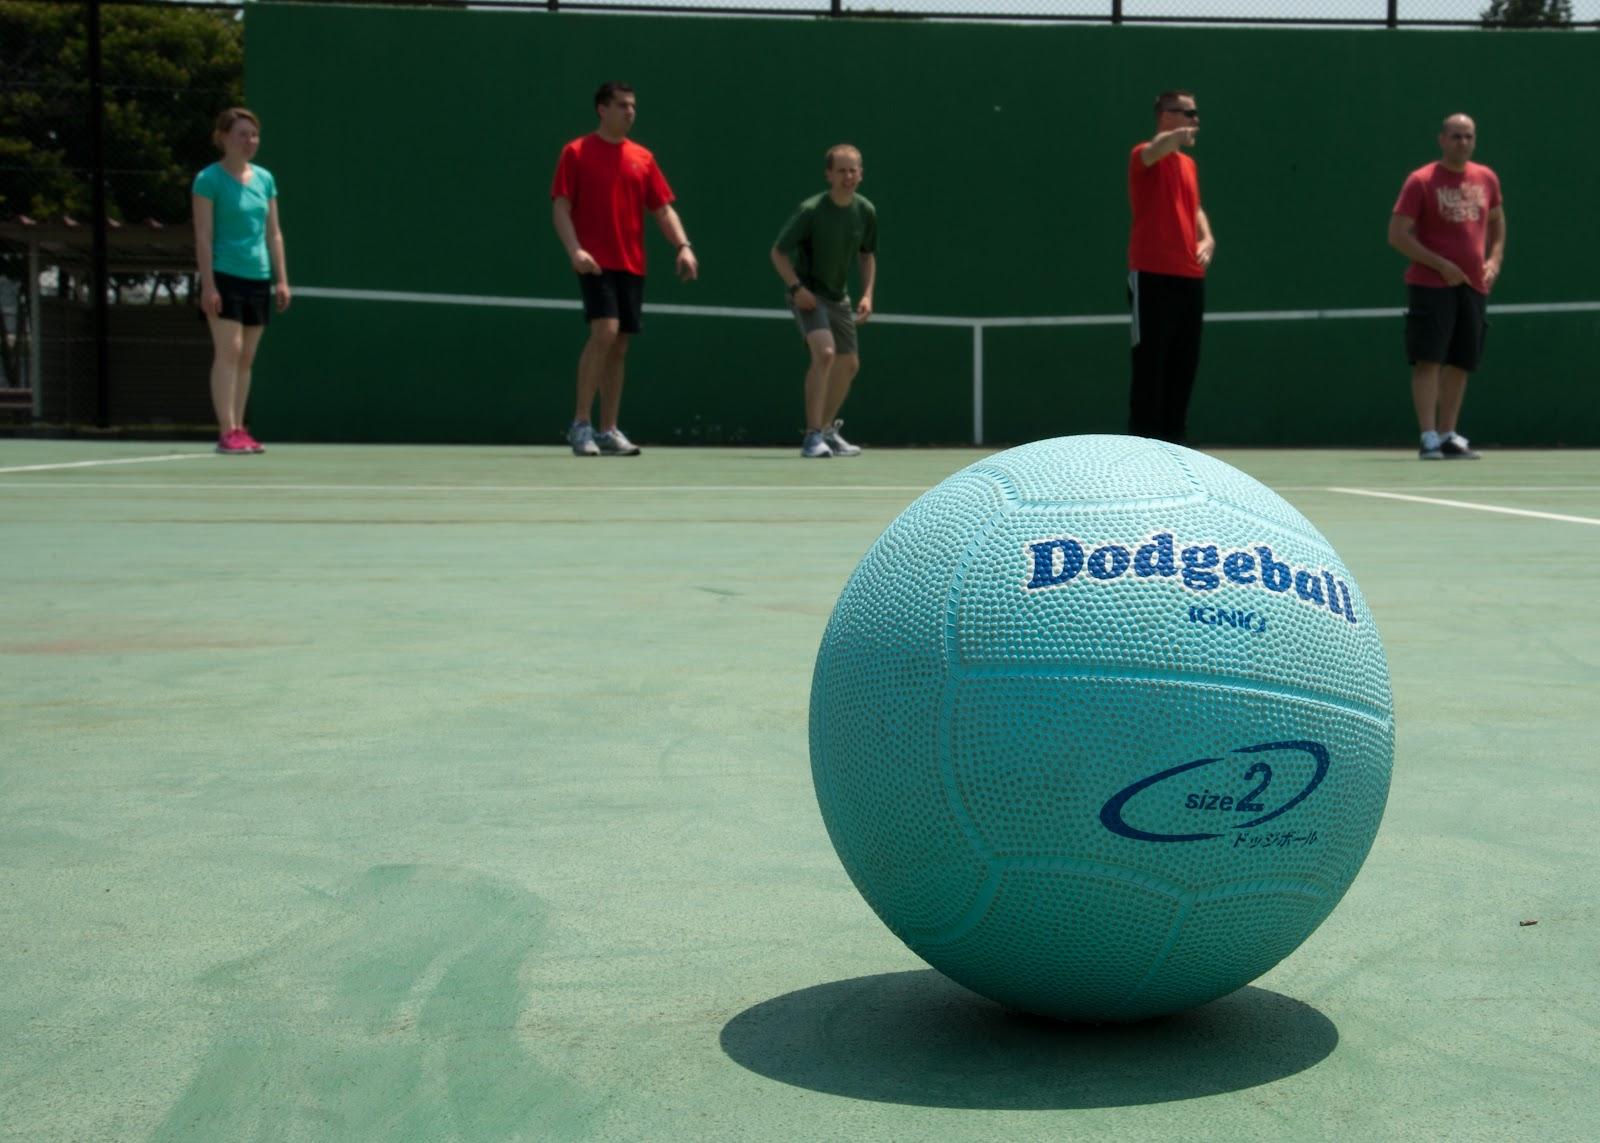 A Dodgeball on a court,